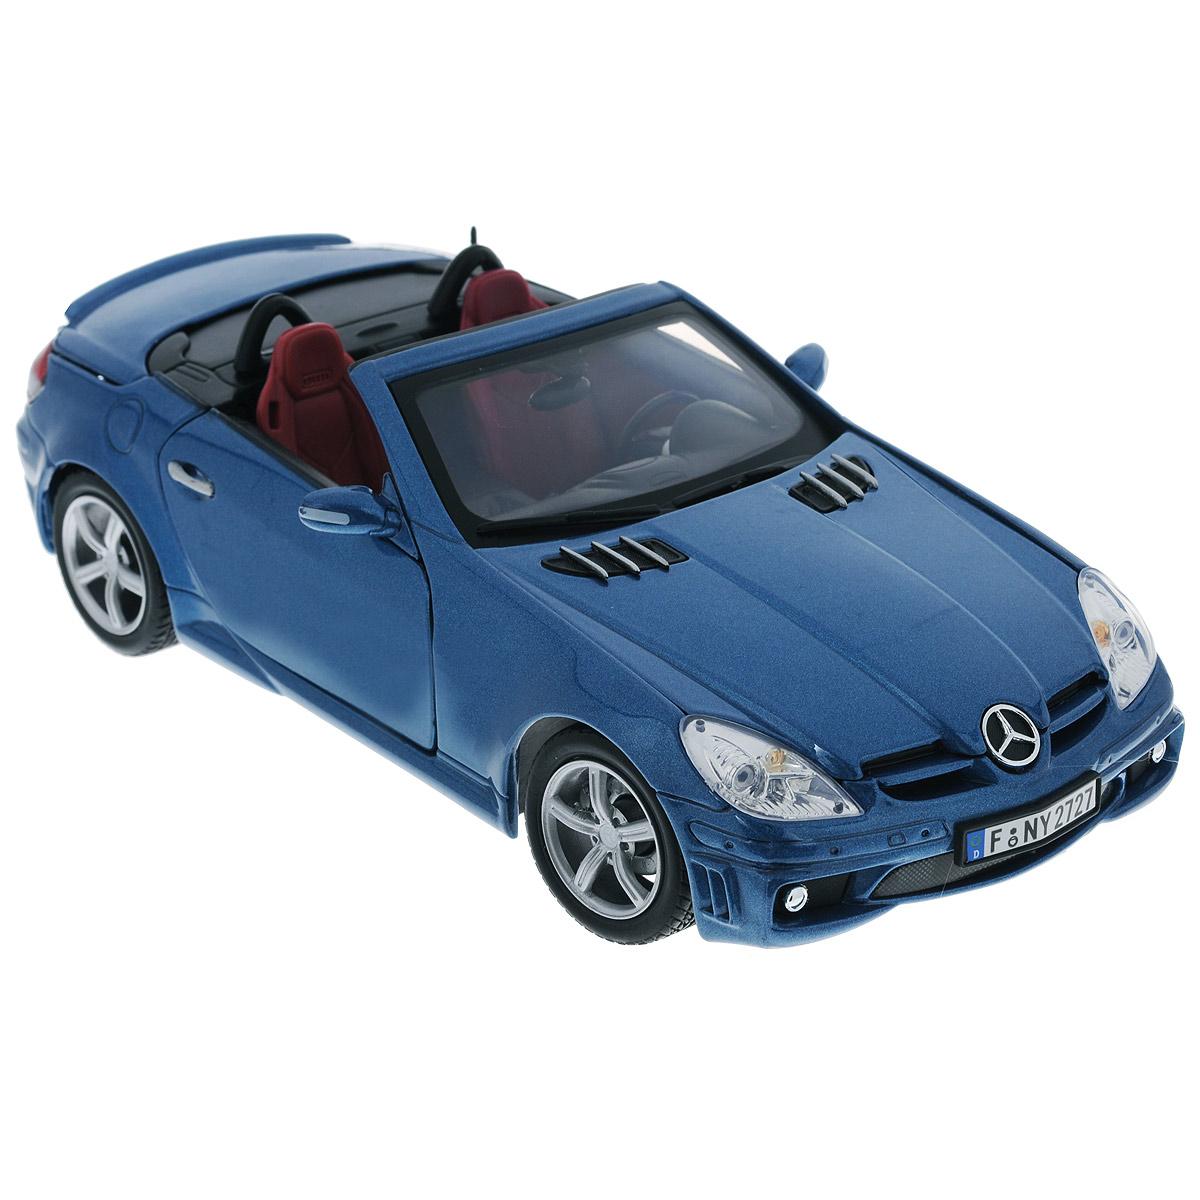 Autotime Коллекционная модель Mercedes Benz SLK55 АMG, цвет: синий металлик. Масштаб 1/18 autotime модель автомобиля uaz 39625 дорожные работы